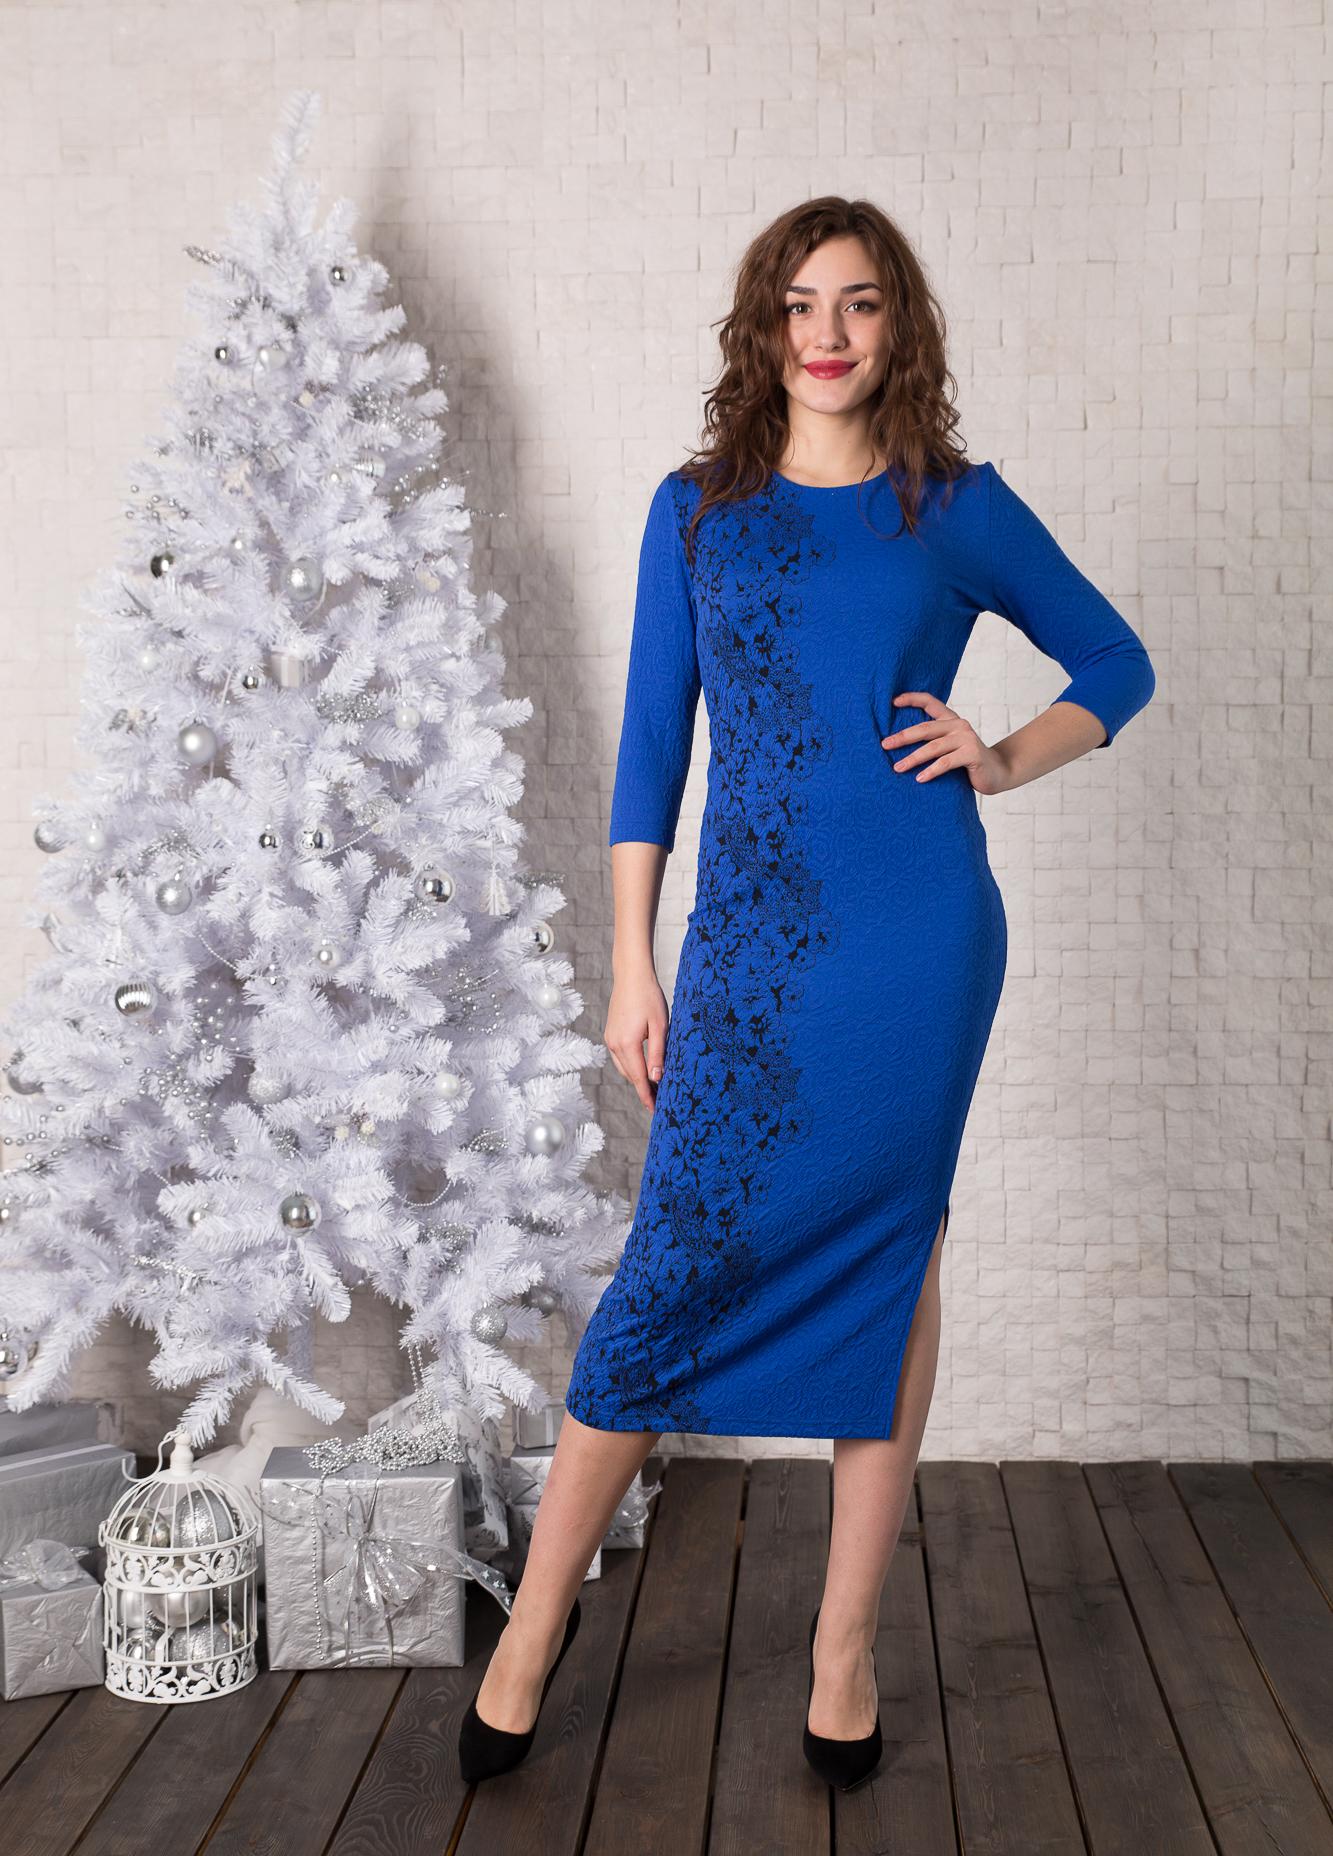 Платье Lautus, цвет: синий, черный. 930. Размер 48930Платье-миди от Lautus прилегающего силуэта, выполненное их трикотажа яркого цвета. Рукава длинные. Круглый вырез горловины. Платье дополнено изящным разрезом в боковом шве.